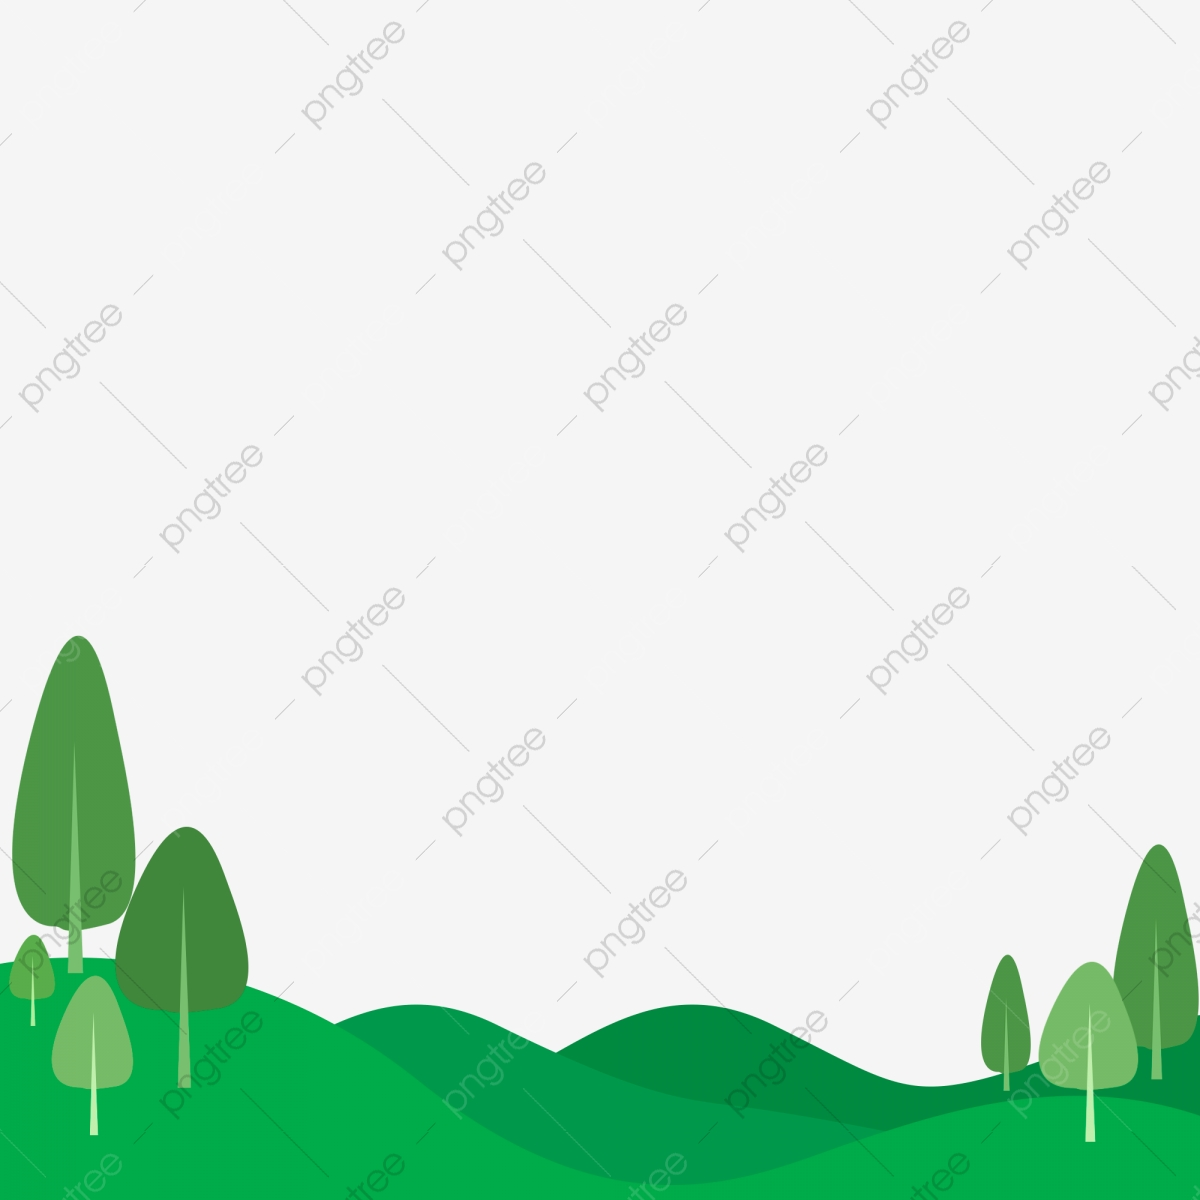 Ensemble De Vecteur Clipart (images Graphiques) D'arbre Et De Pin  Illustration de Vecteur - Illustration du clipart, arbre: 97822161